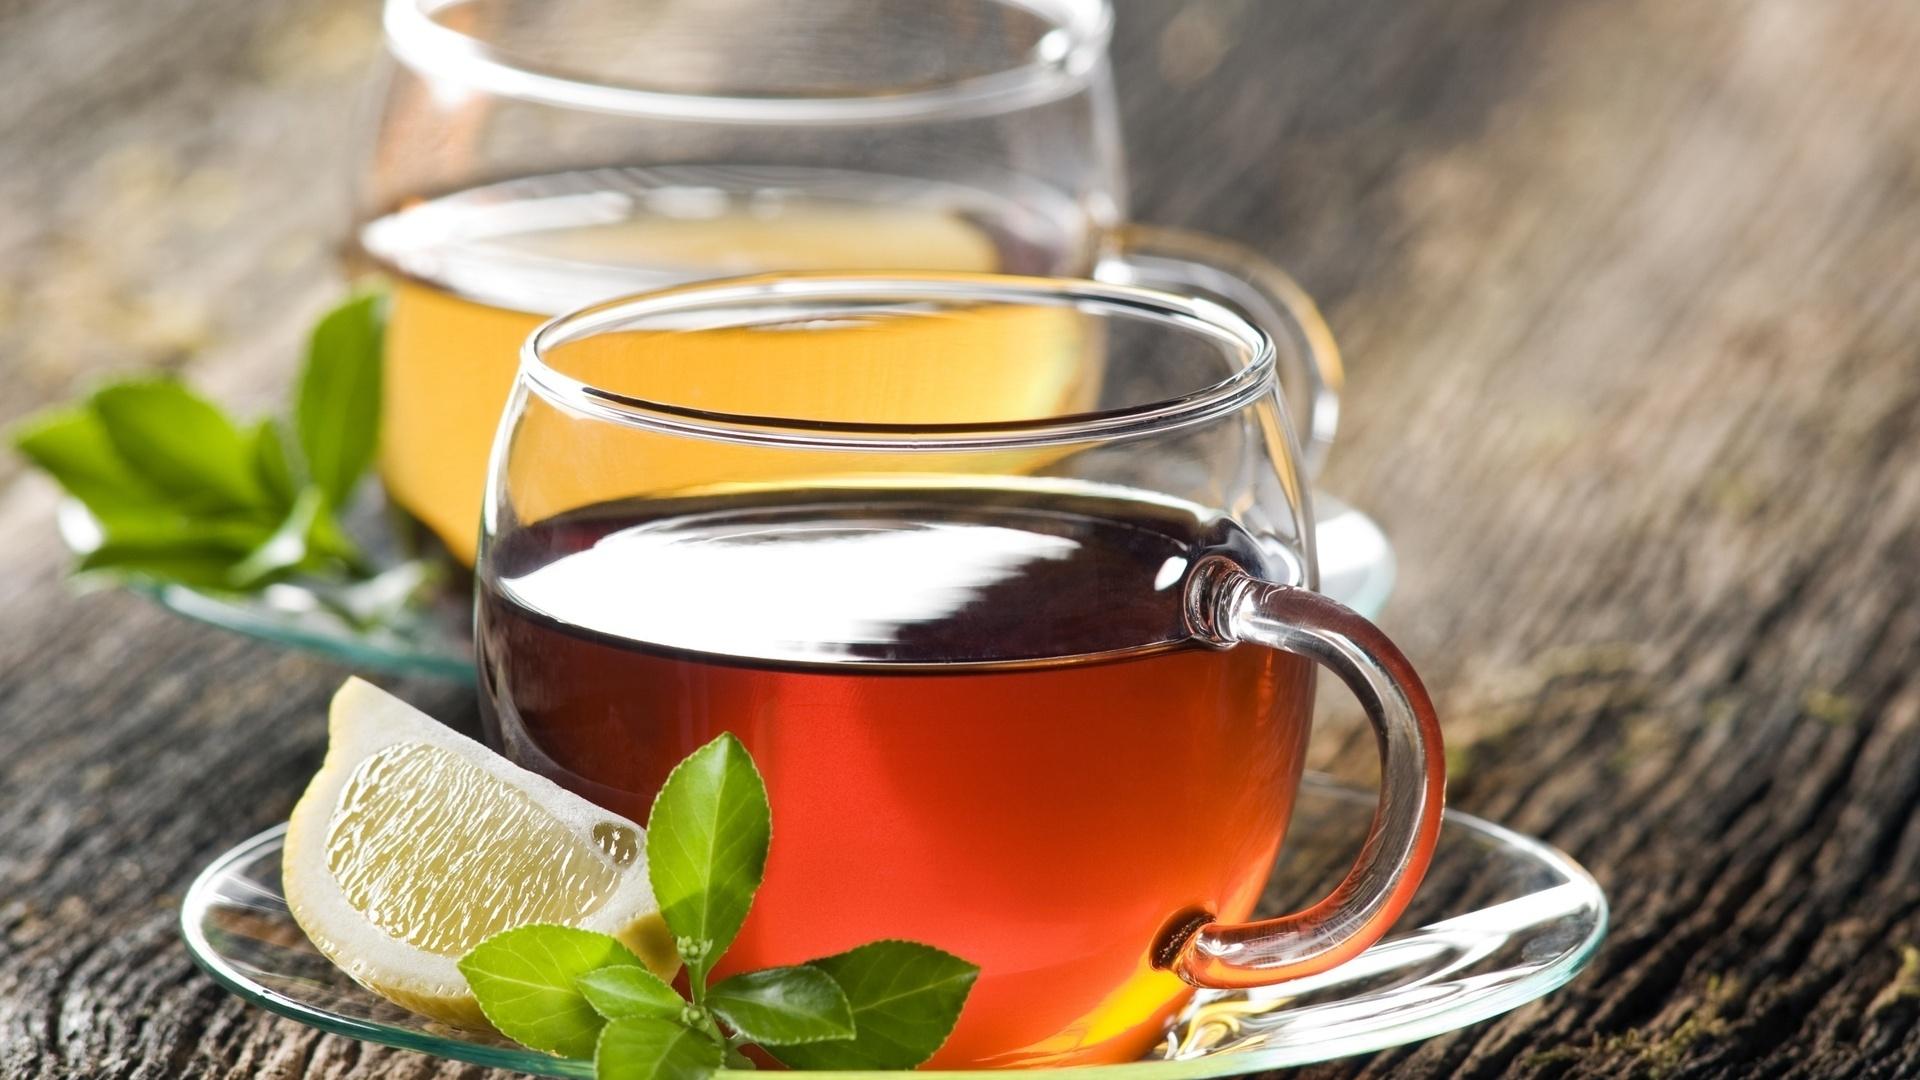 Слабительные чаи от запоров для взрослых и детей. Рецепты, где купить.